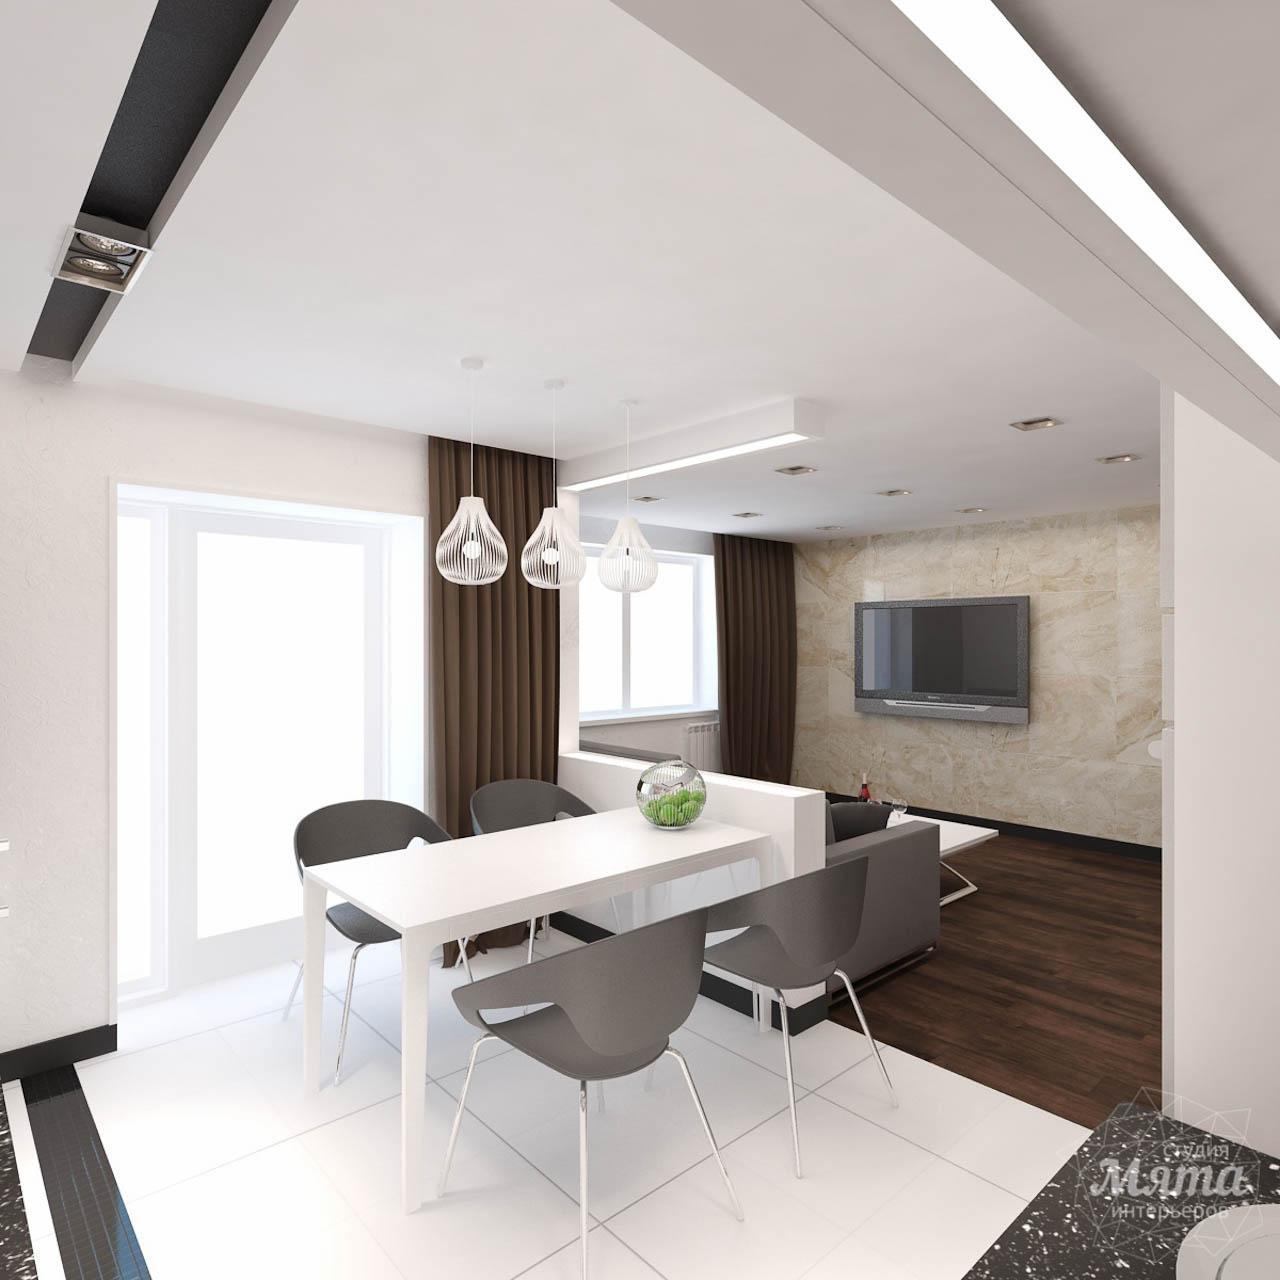 Дизайн интерьера однокомнатной квартиры по ул. Гагарина 27 img789481660